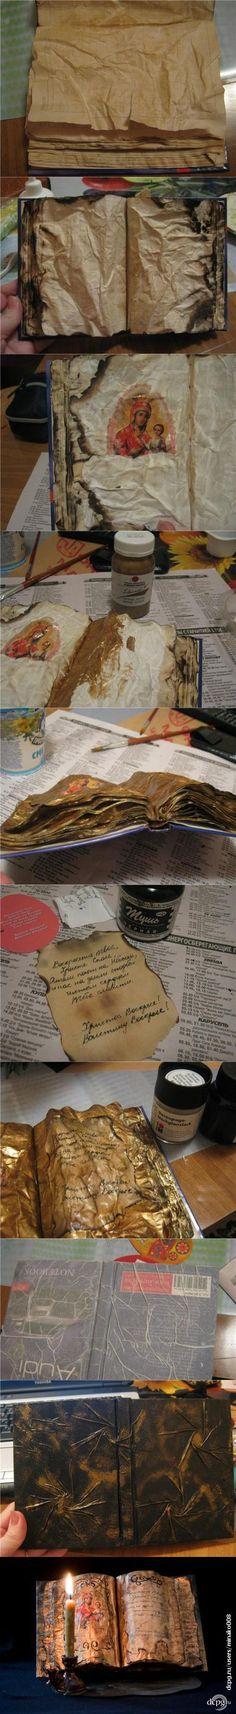 Декупаж - Сайт любителей декупажа - DCPG.RU | Старинная книга